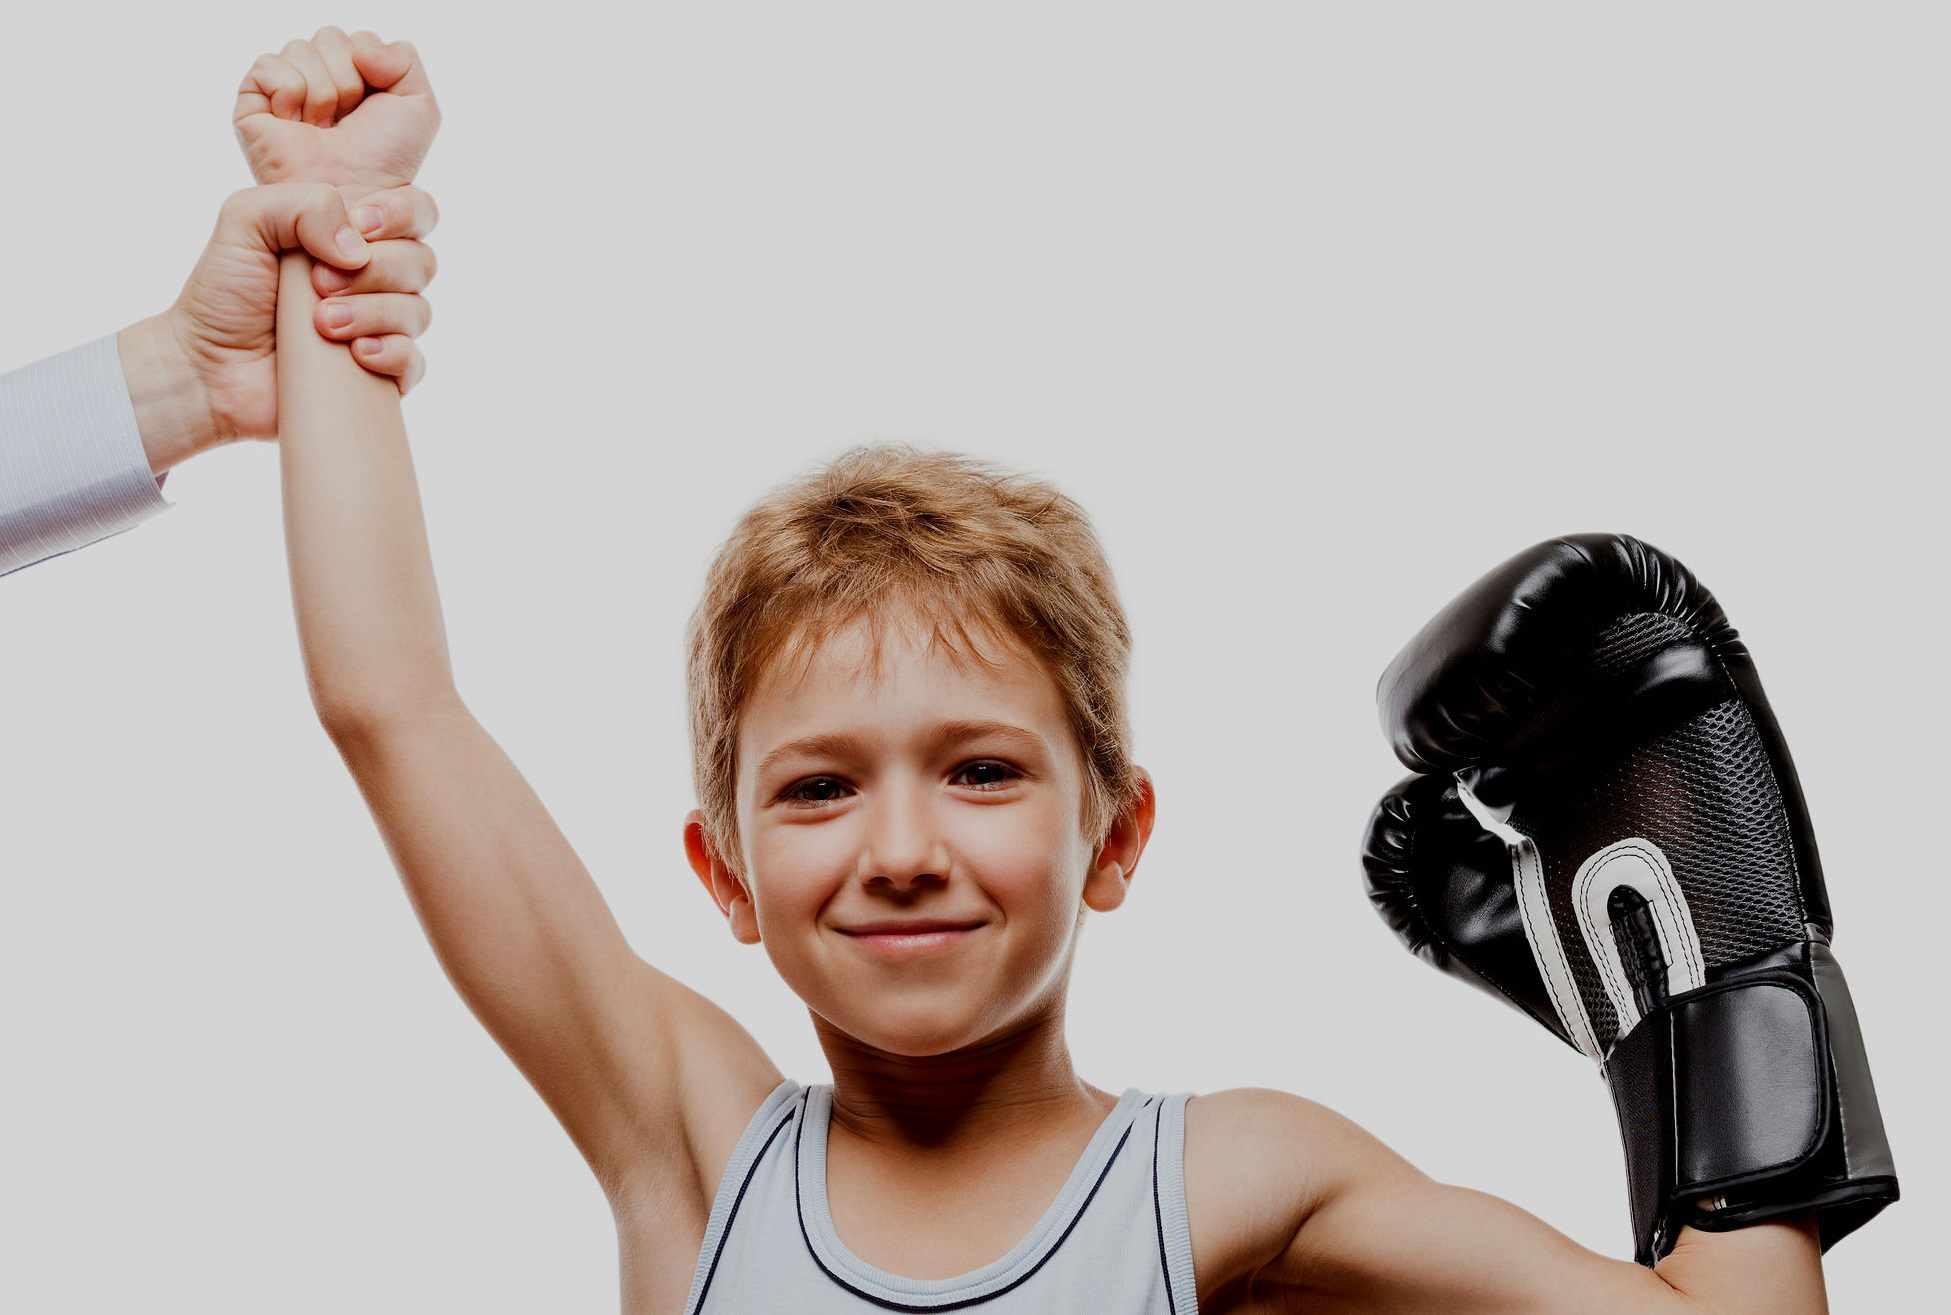 Спорт воспитывает в мужчинах дисциплину